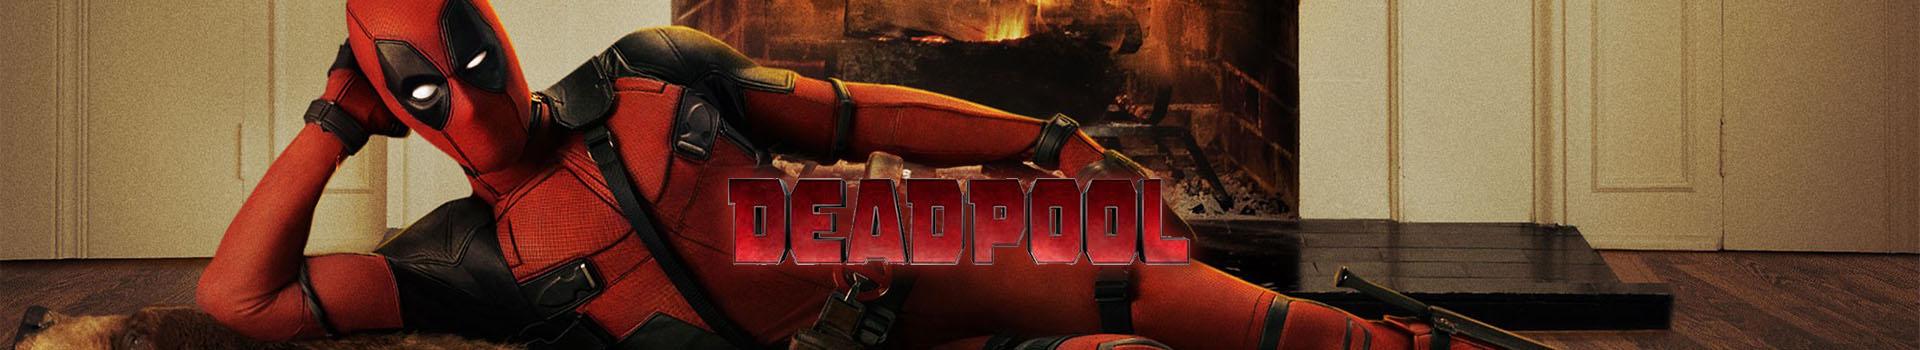 Deadpool: Figuren, T-Shirts, Tassen